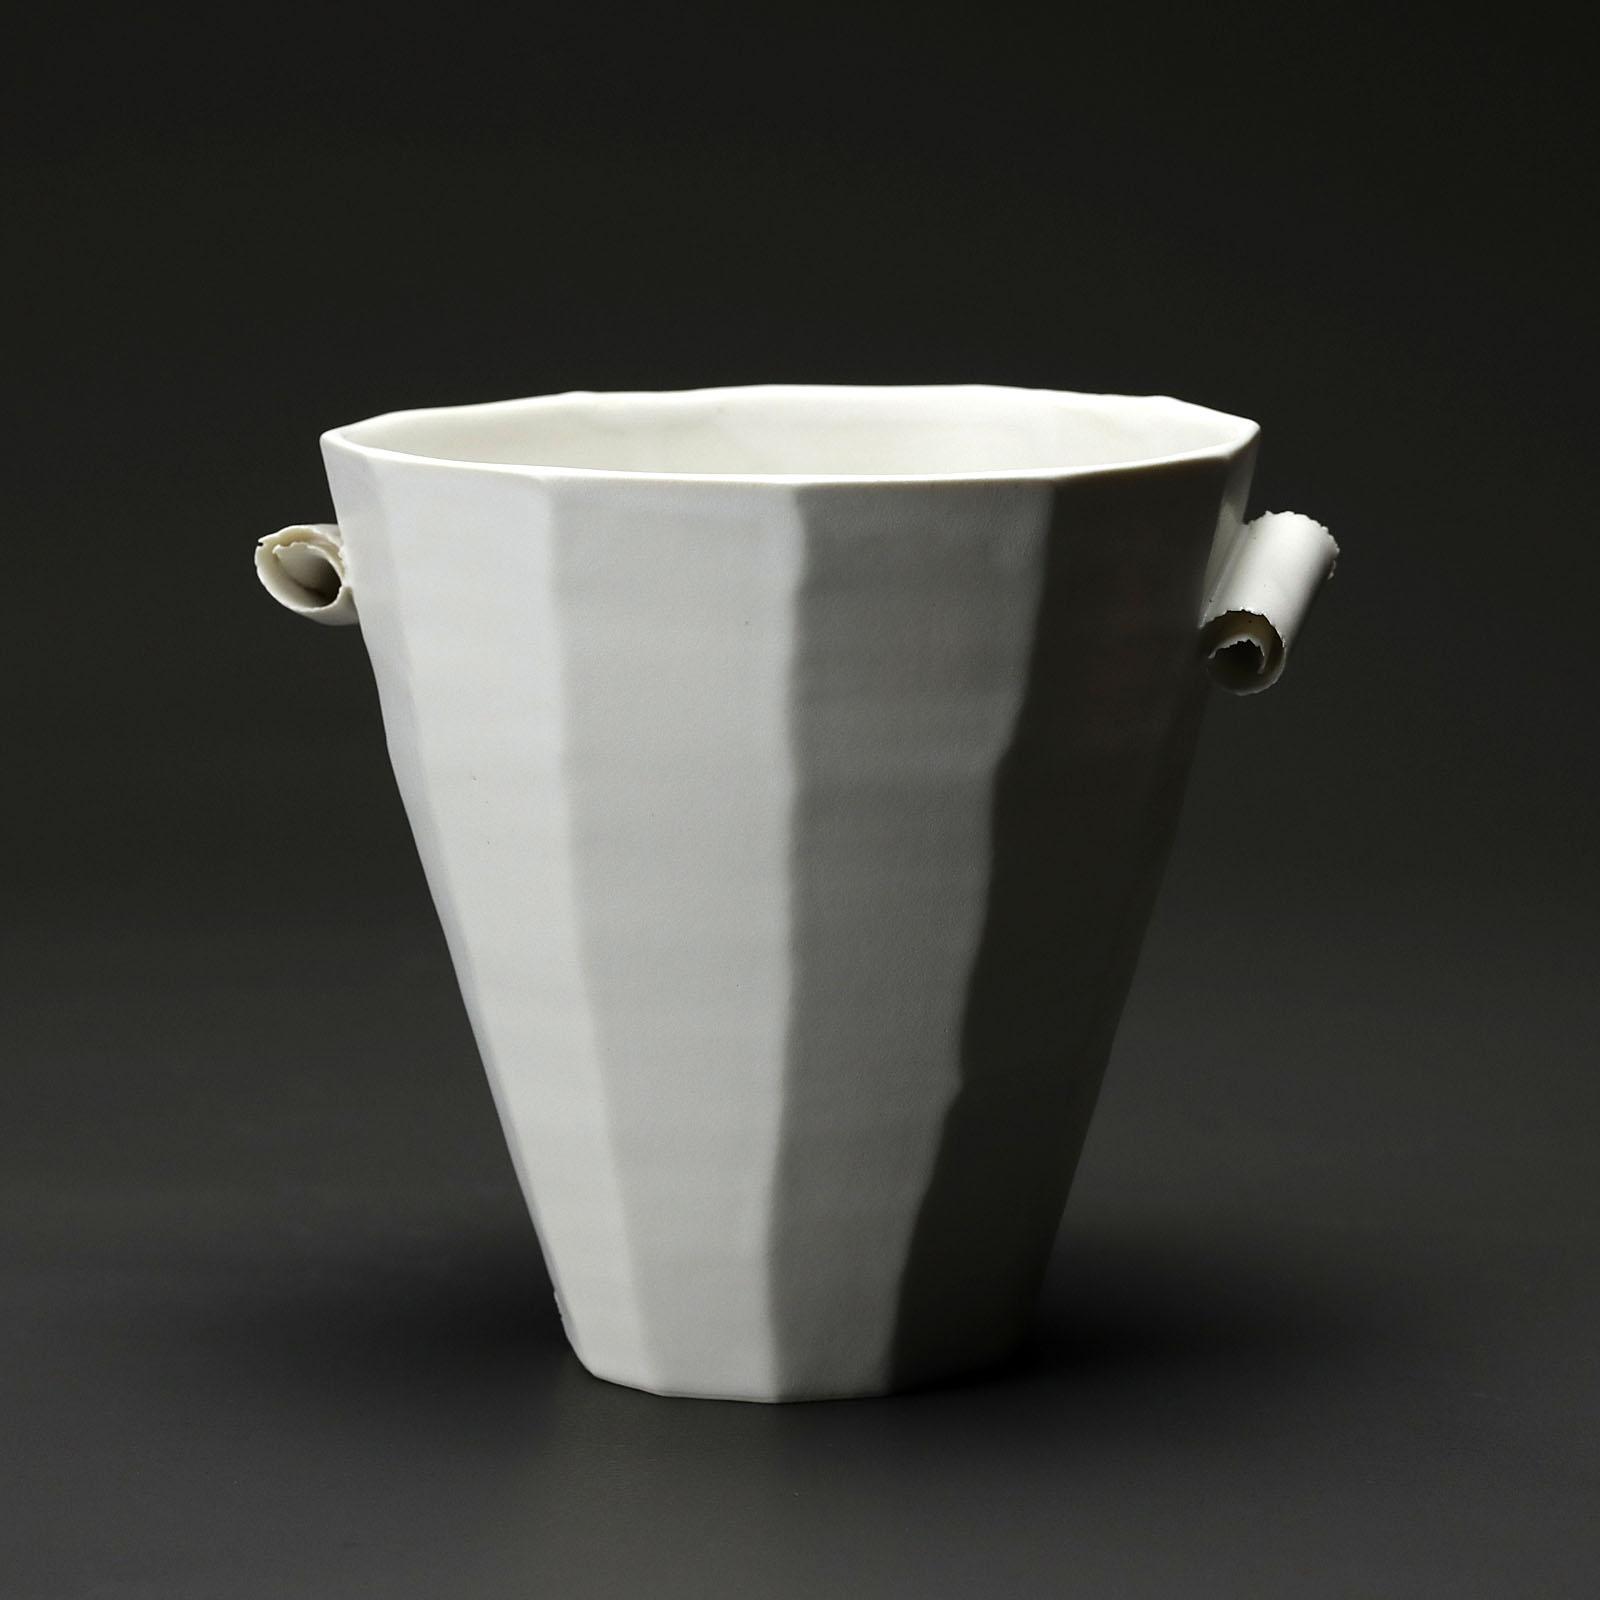 coupe PM 115 en céramique, porcelaine émaillée blanc